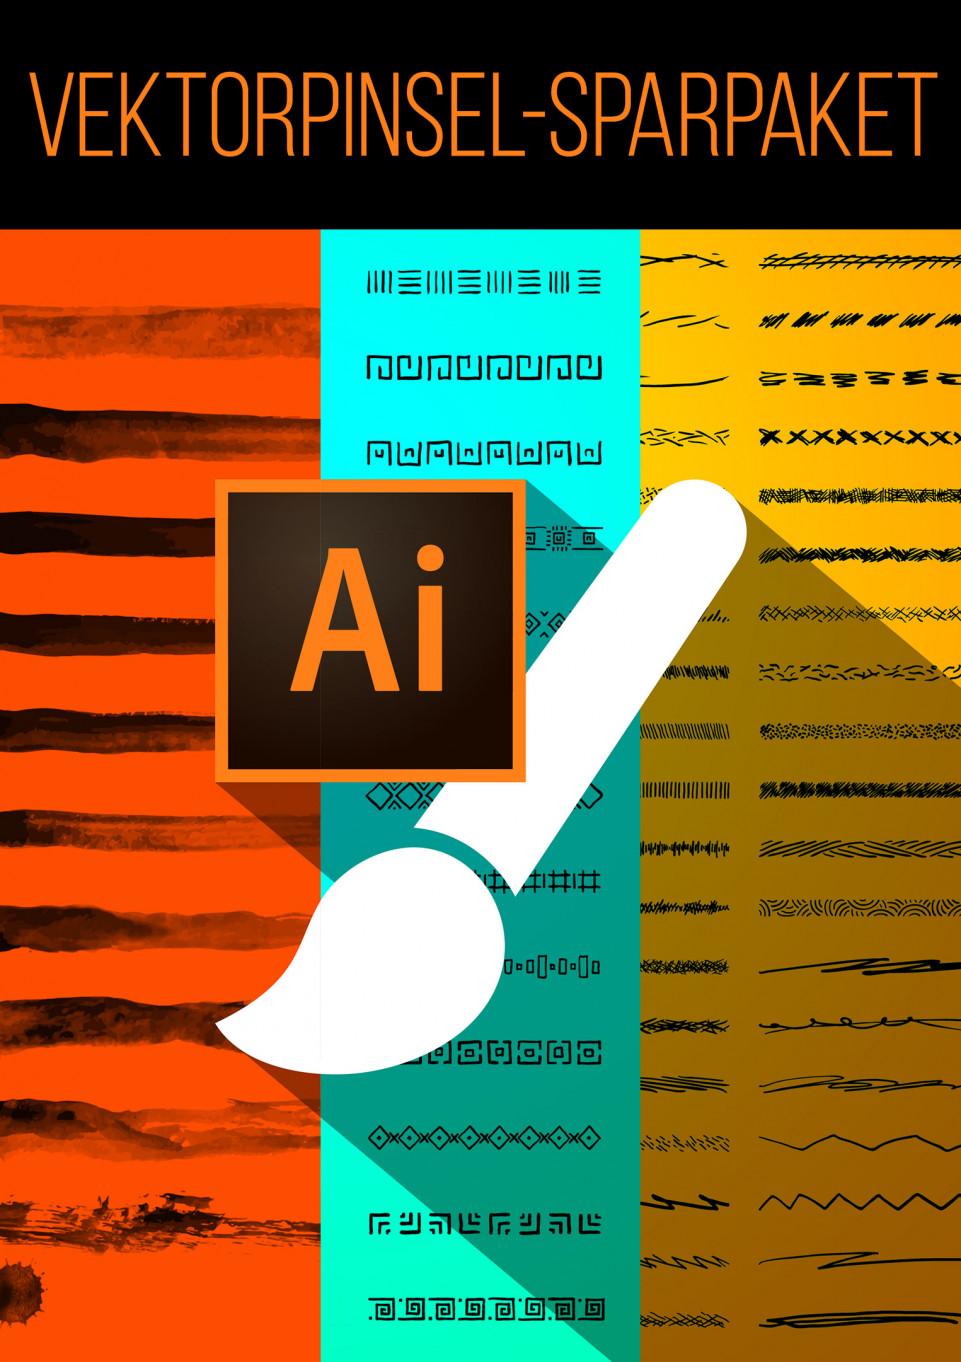 Sparpaket: Über 200 Vektorpinsel für Adobe Illustrator zum Download